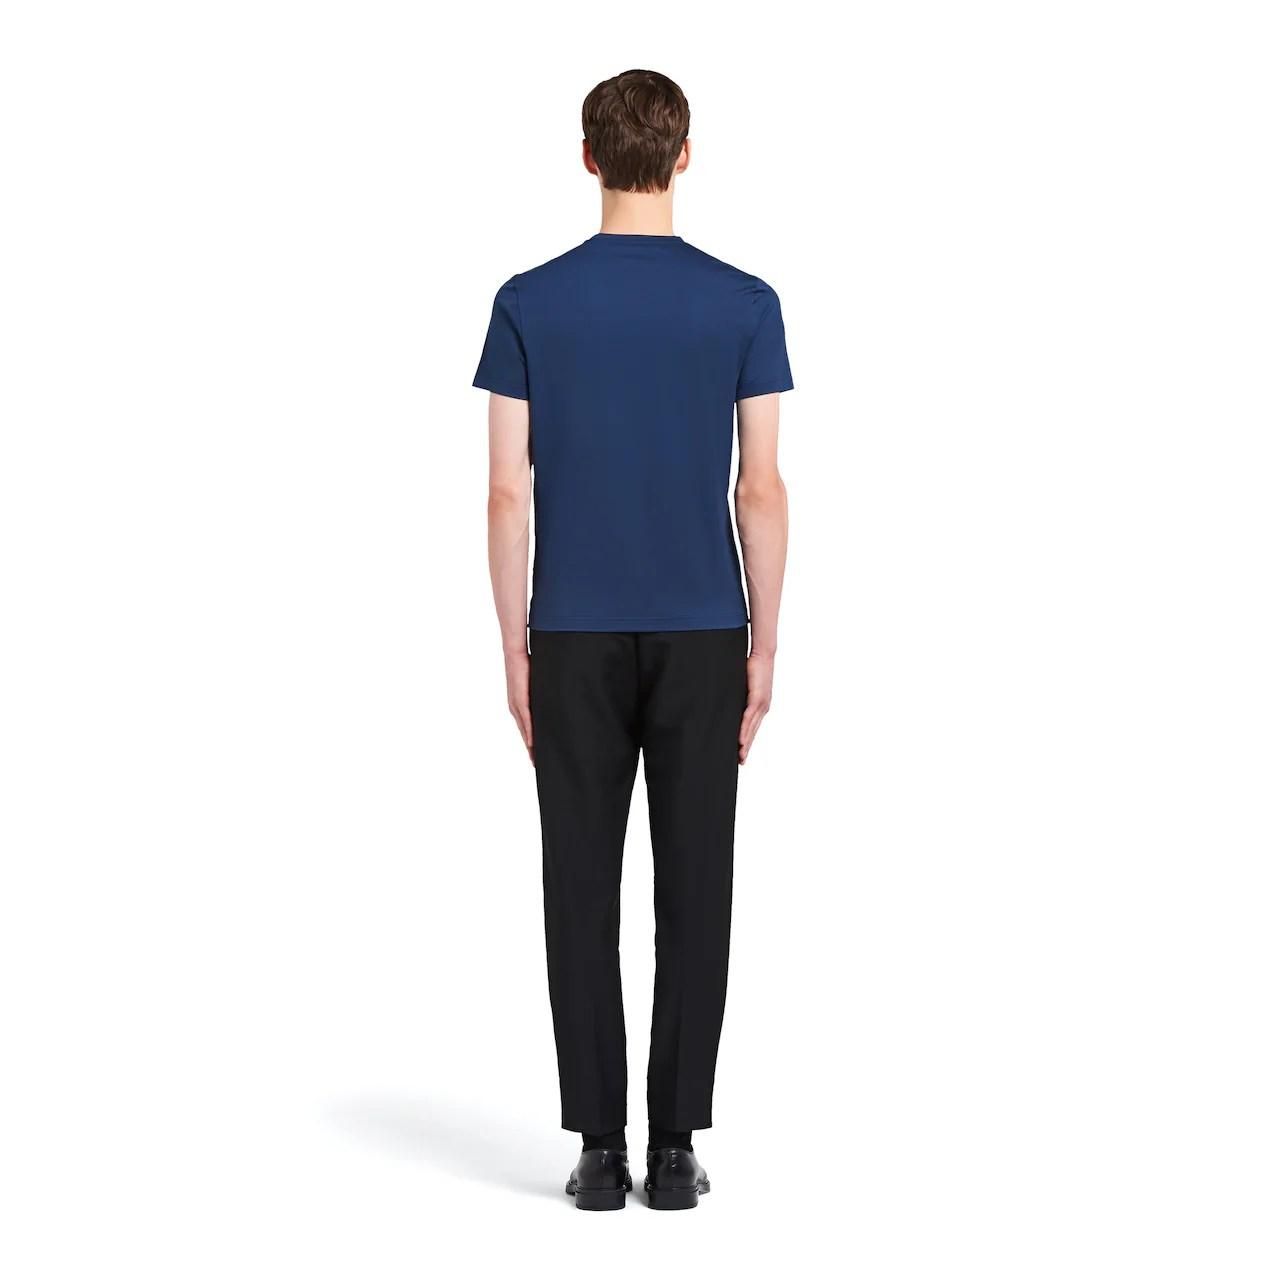 彈力棉質T恤 | Prada - UJM564_1UOR_F0141_S_092